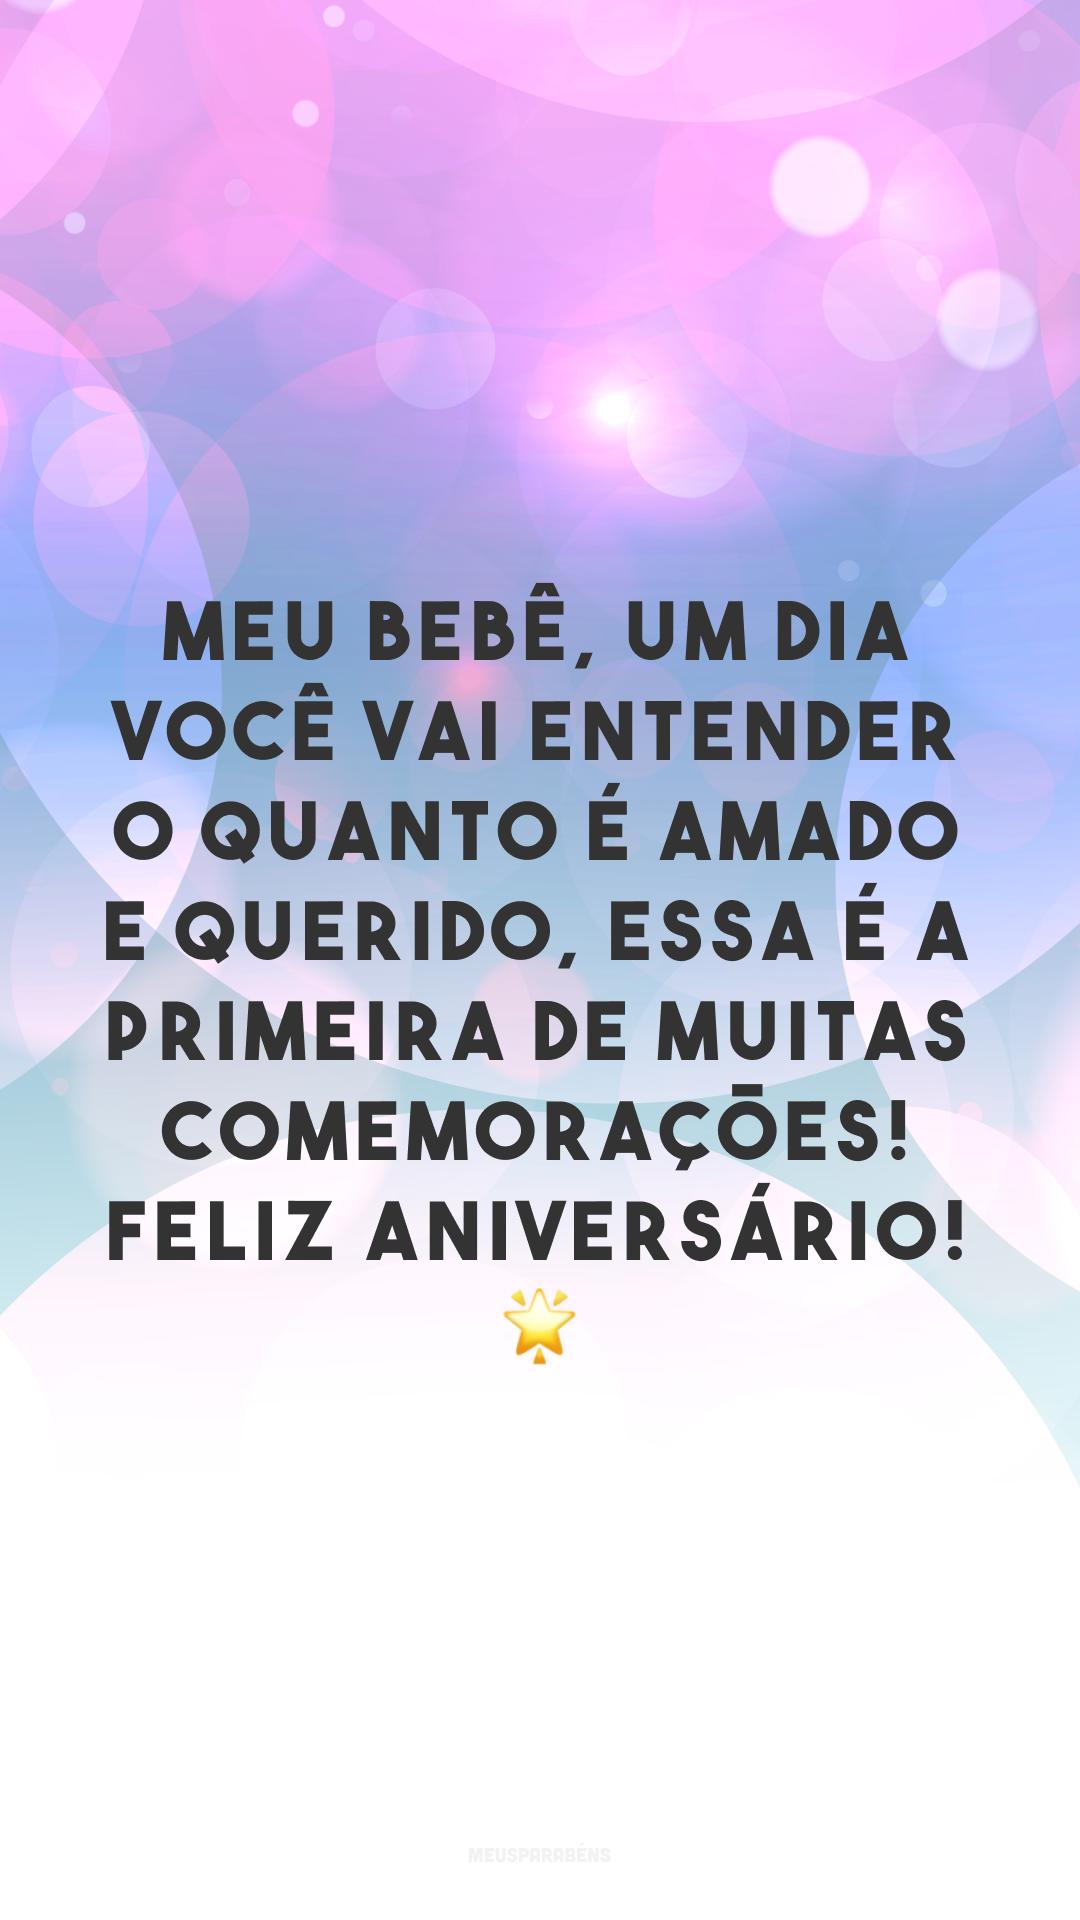 Meu bebê, um dia você vai entender o quanto é amado e querido, essa é a primeira de muitas comemorações! Feliz aniversário! 🌟